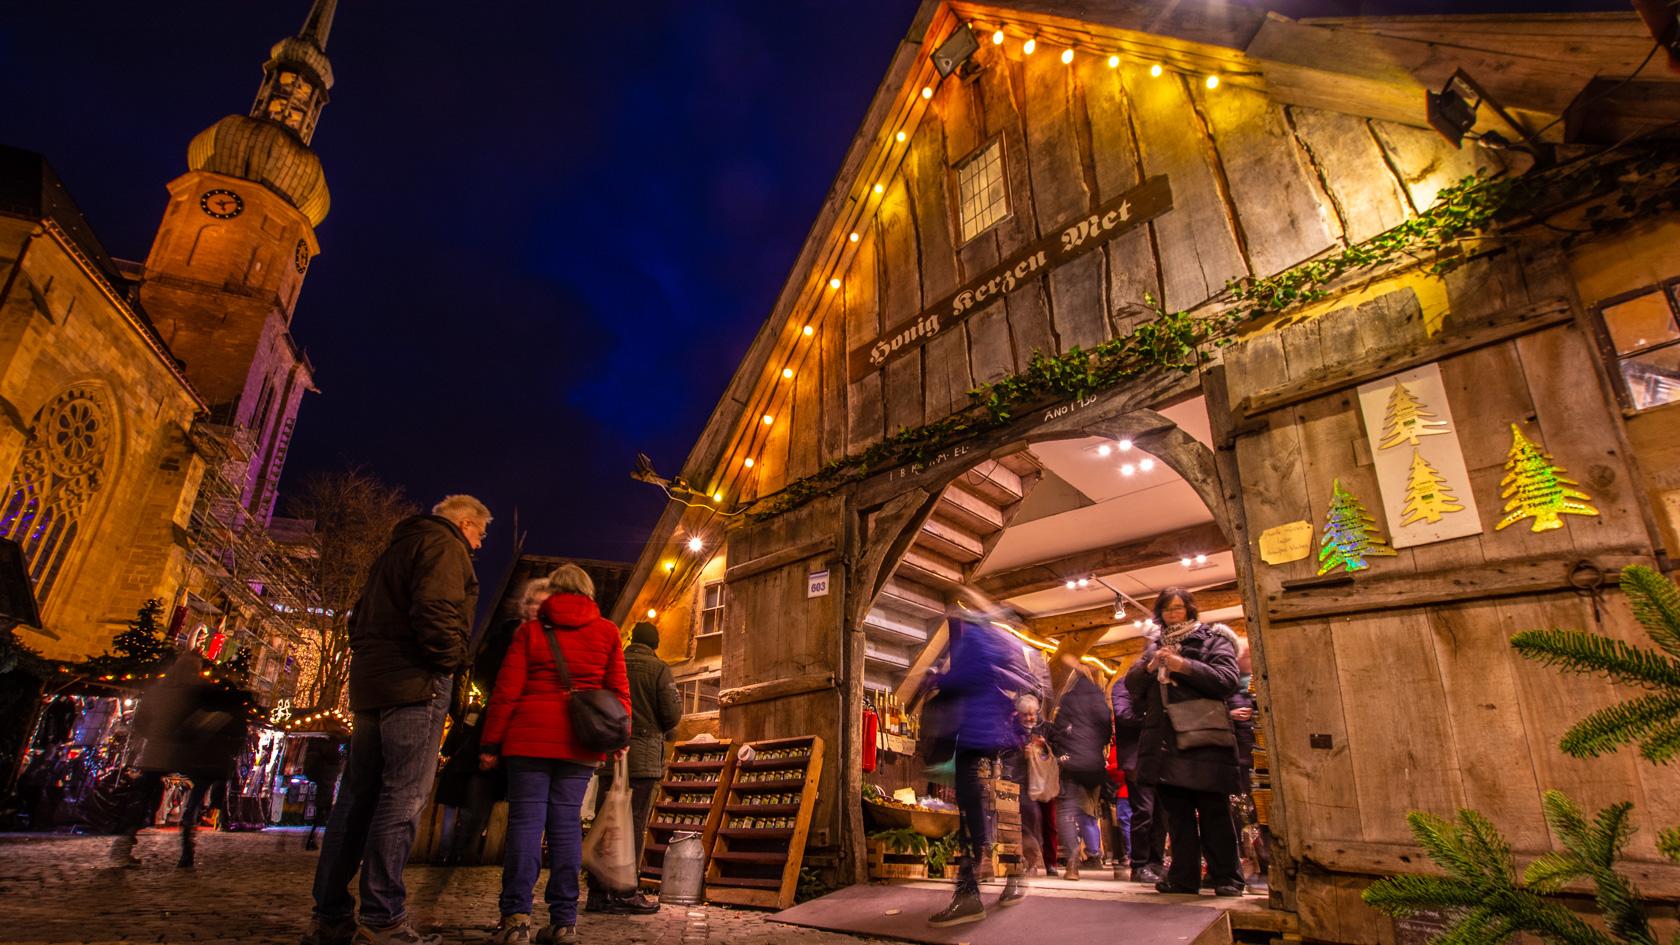 Dortmund Weihnachtsmarkt.Weihnachtsmarkt 2018 Ladt Zum Schlemmen Und Staunen Ein